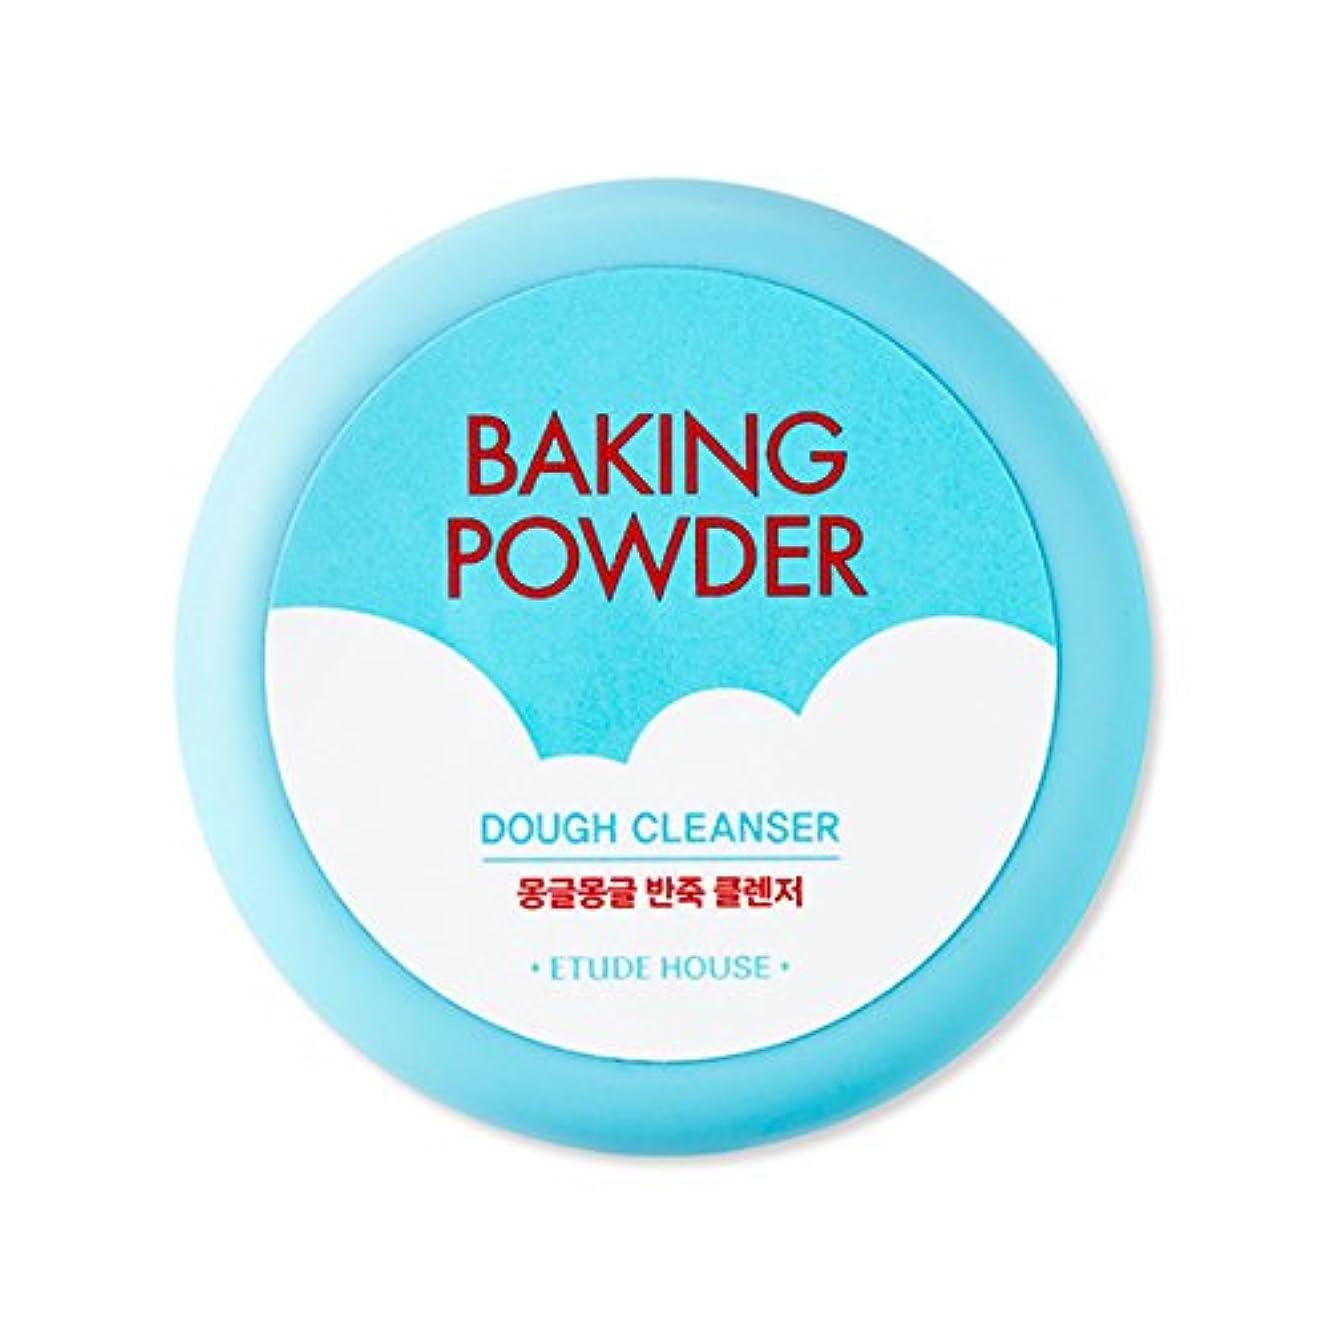 爬虫類今後適合[New] ETUDE HOUSE Baking Powder Dough Cleanser 90g/エチュードハウス ベーキング パウダー ドウ クレンザー 90g [並行輸入品]